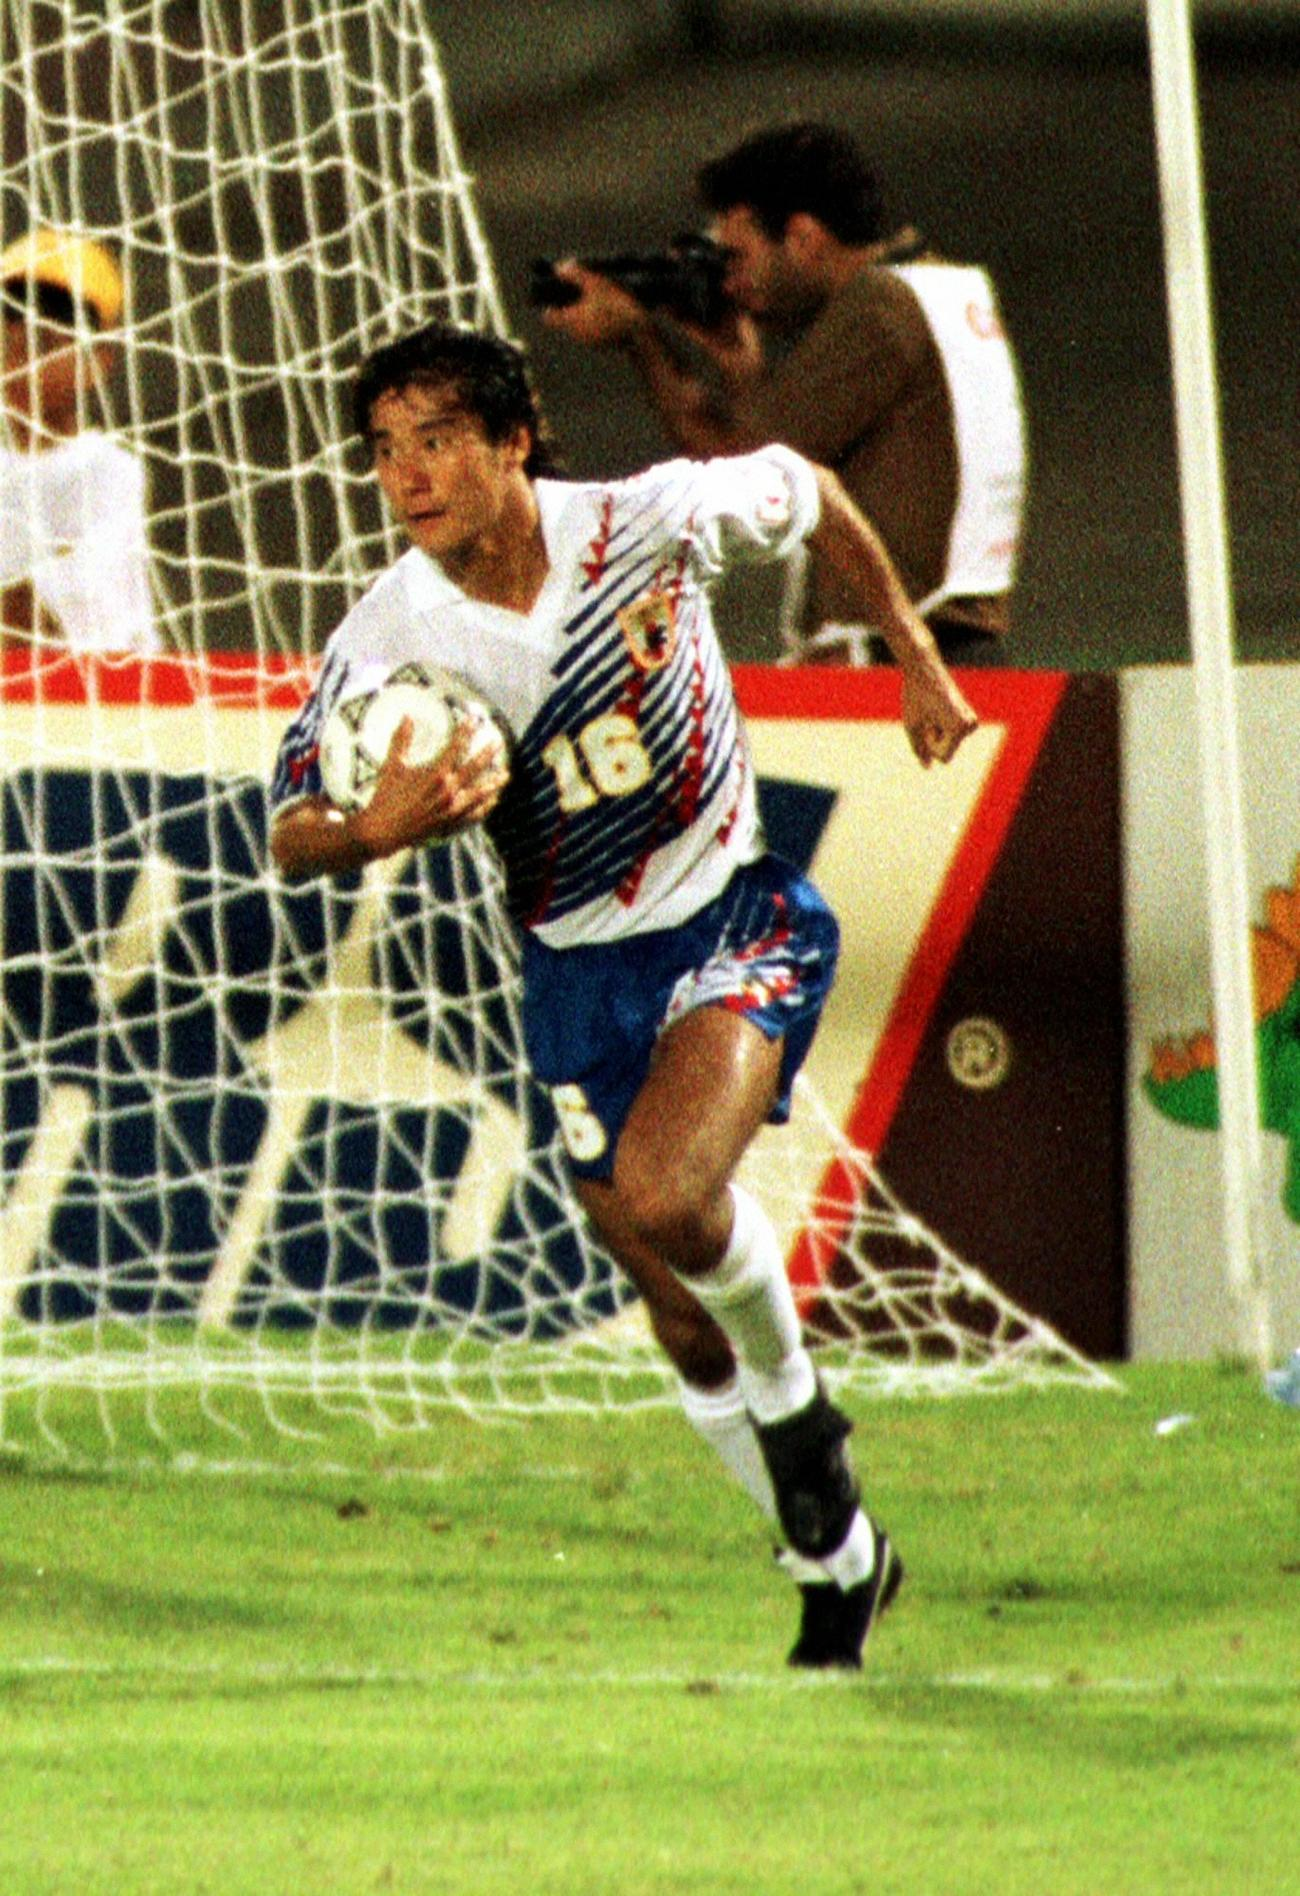 イラン対日本 後半43分、一矢を報いるゴールを決めた中山雅史はチームメートを鼓舞しながらゴールネットの中のボールを抱え急いでセンターサークルに戻る(1993年10月18日撮影)